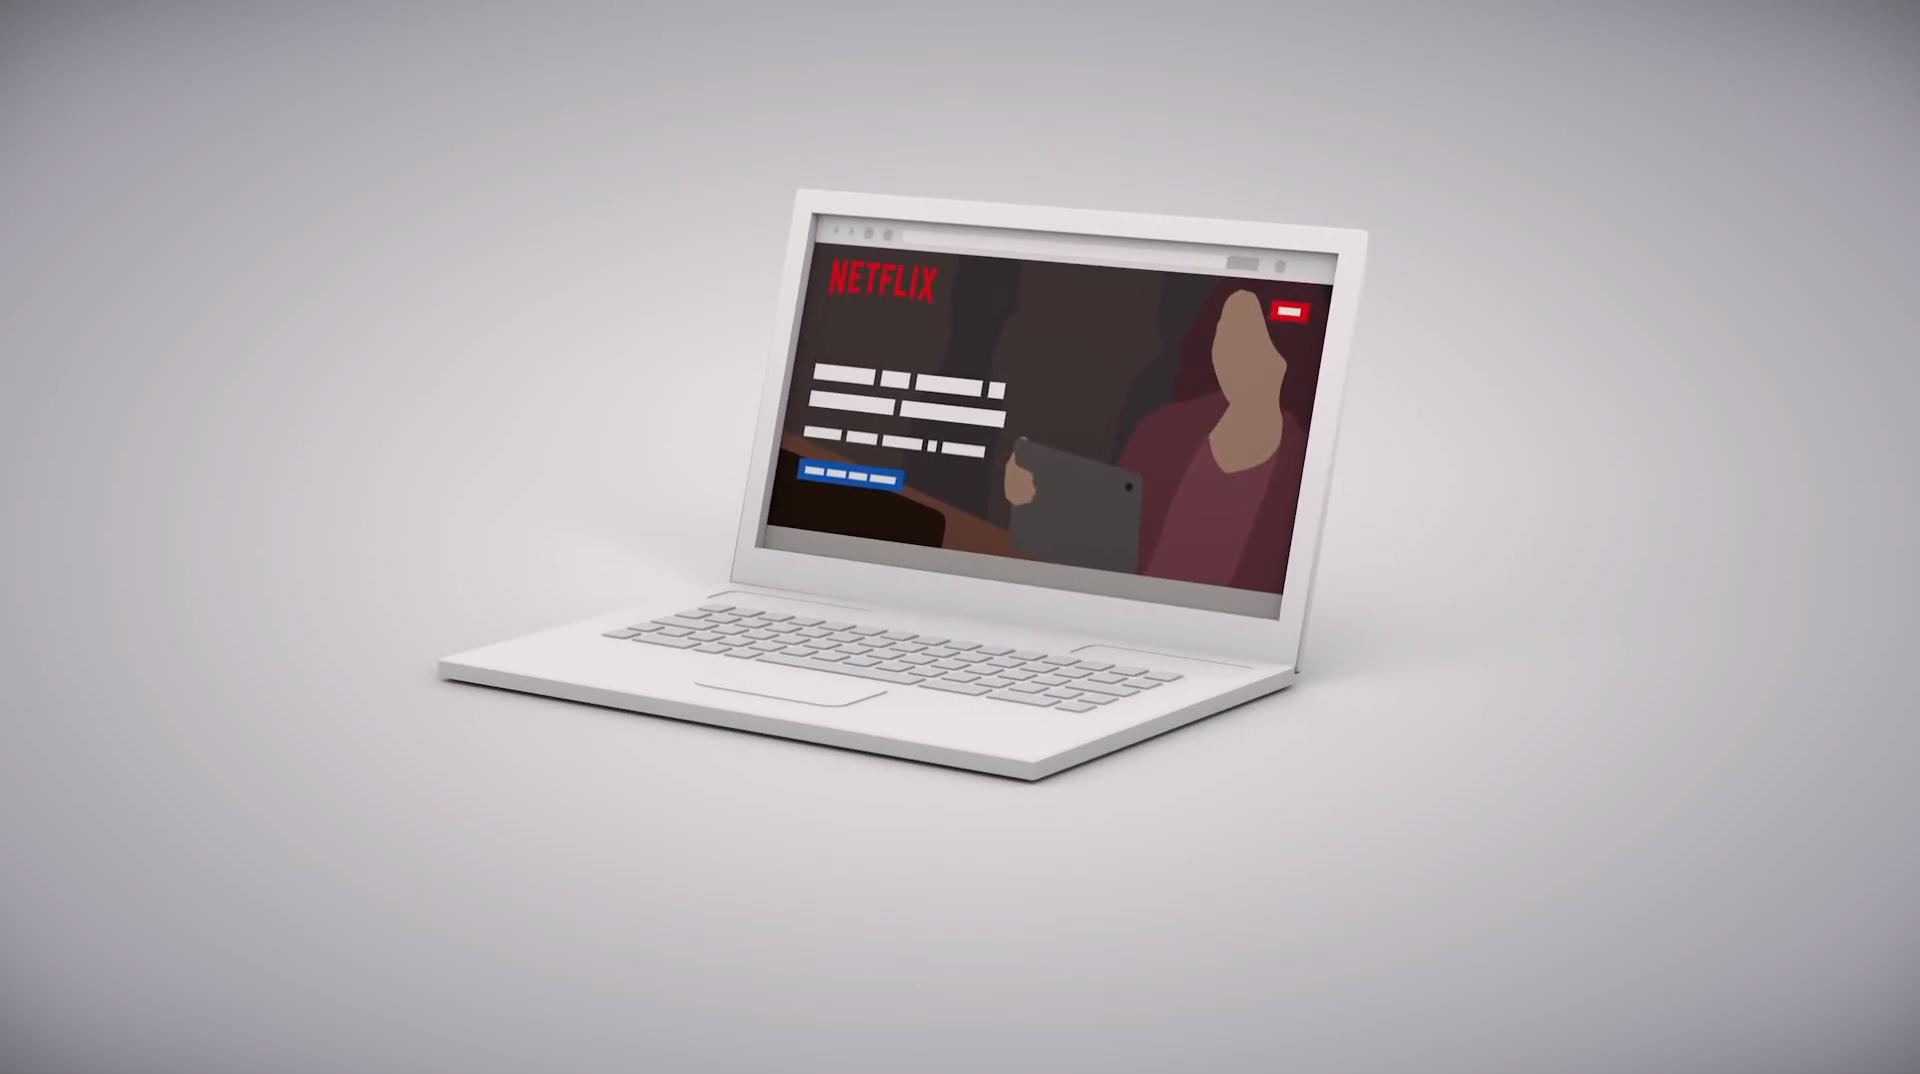 [Tutoriel] Essayer Netflix gratuitement pendant un mois (Offre terminée)